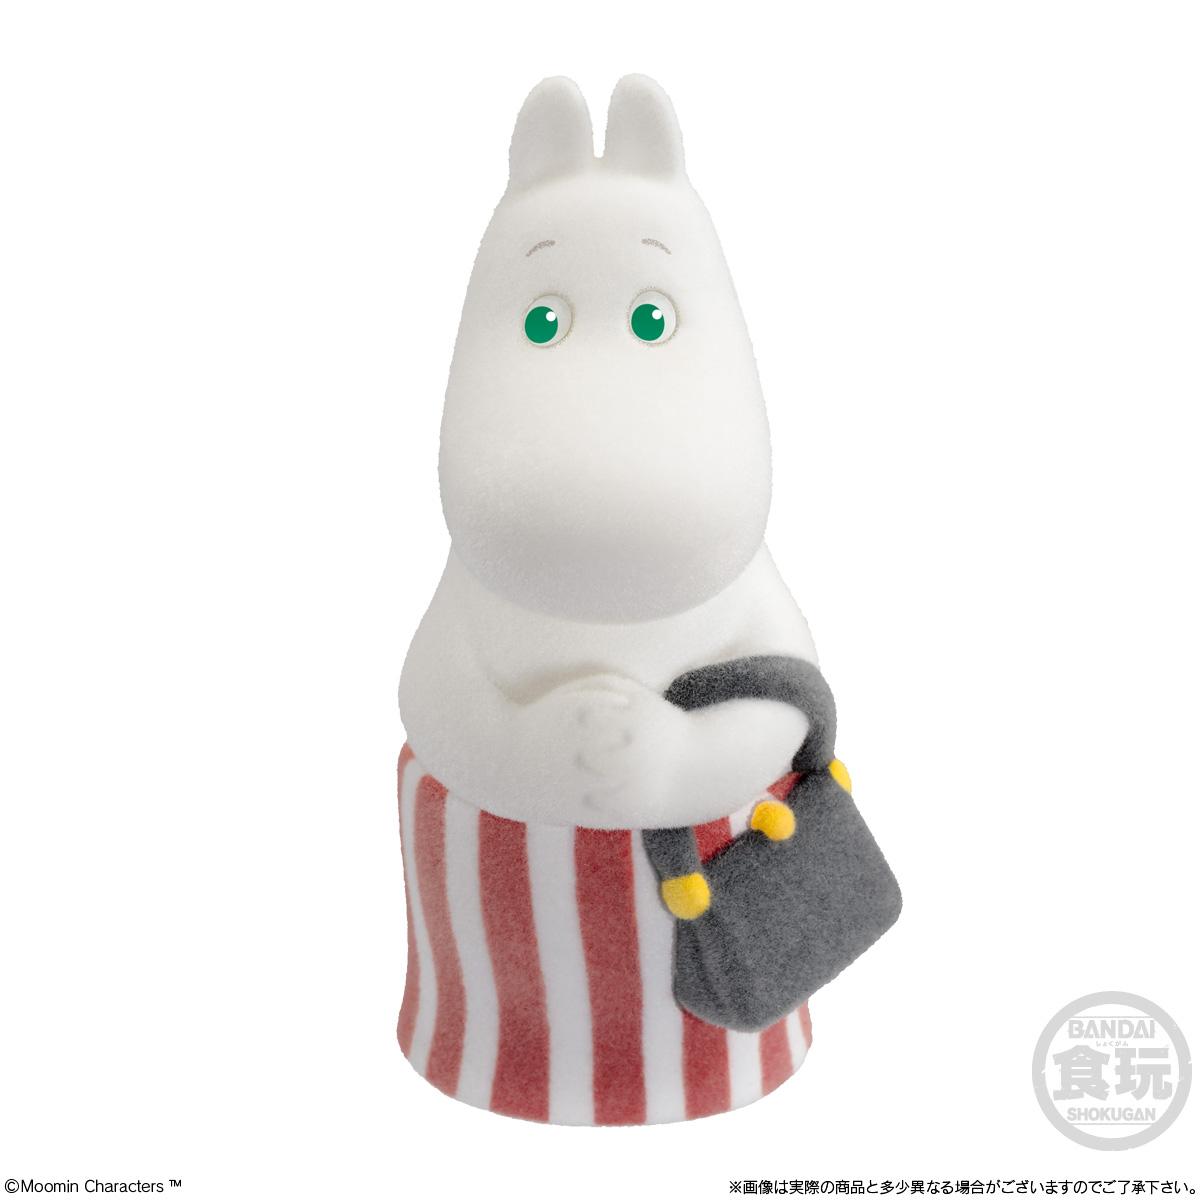 【食玩】ムーミン『MOOMIN Doll Collection』10個入りBOX-005